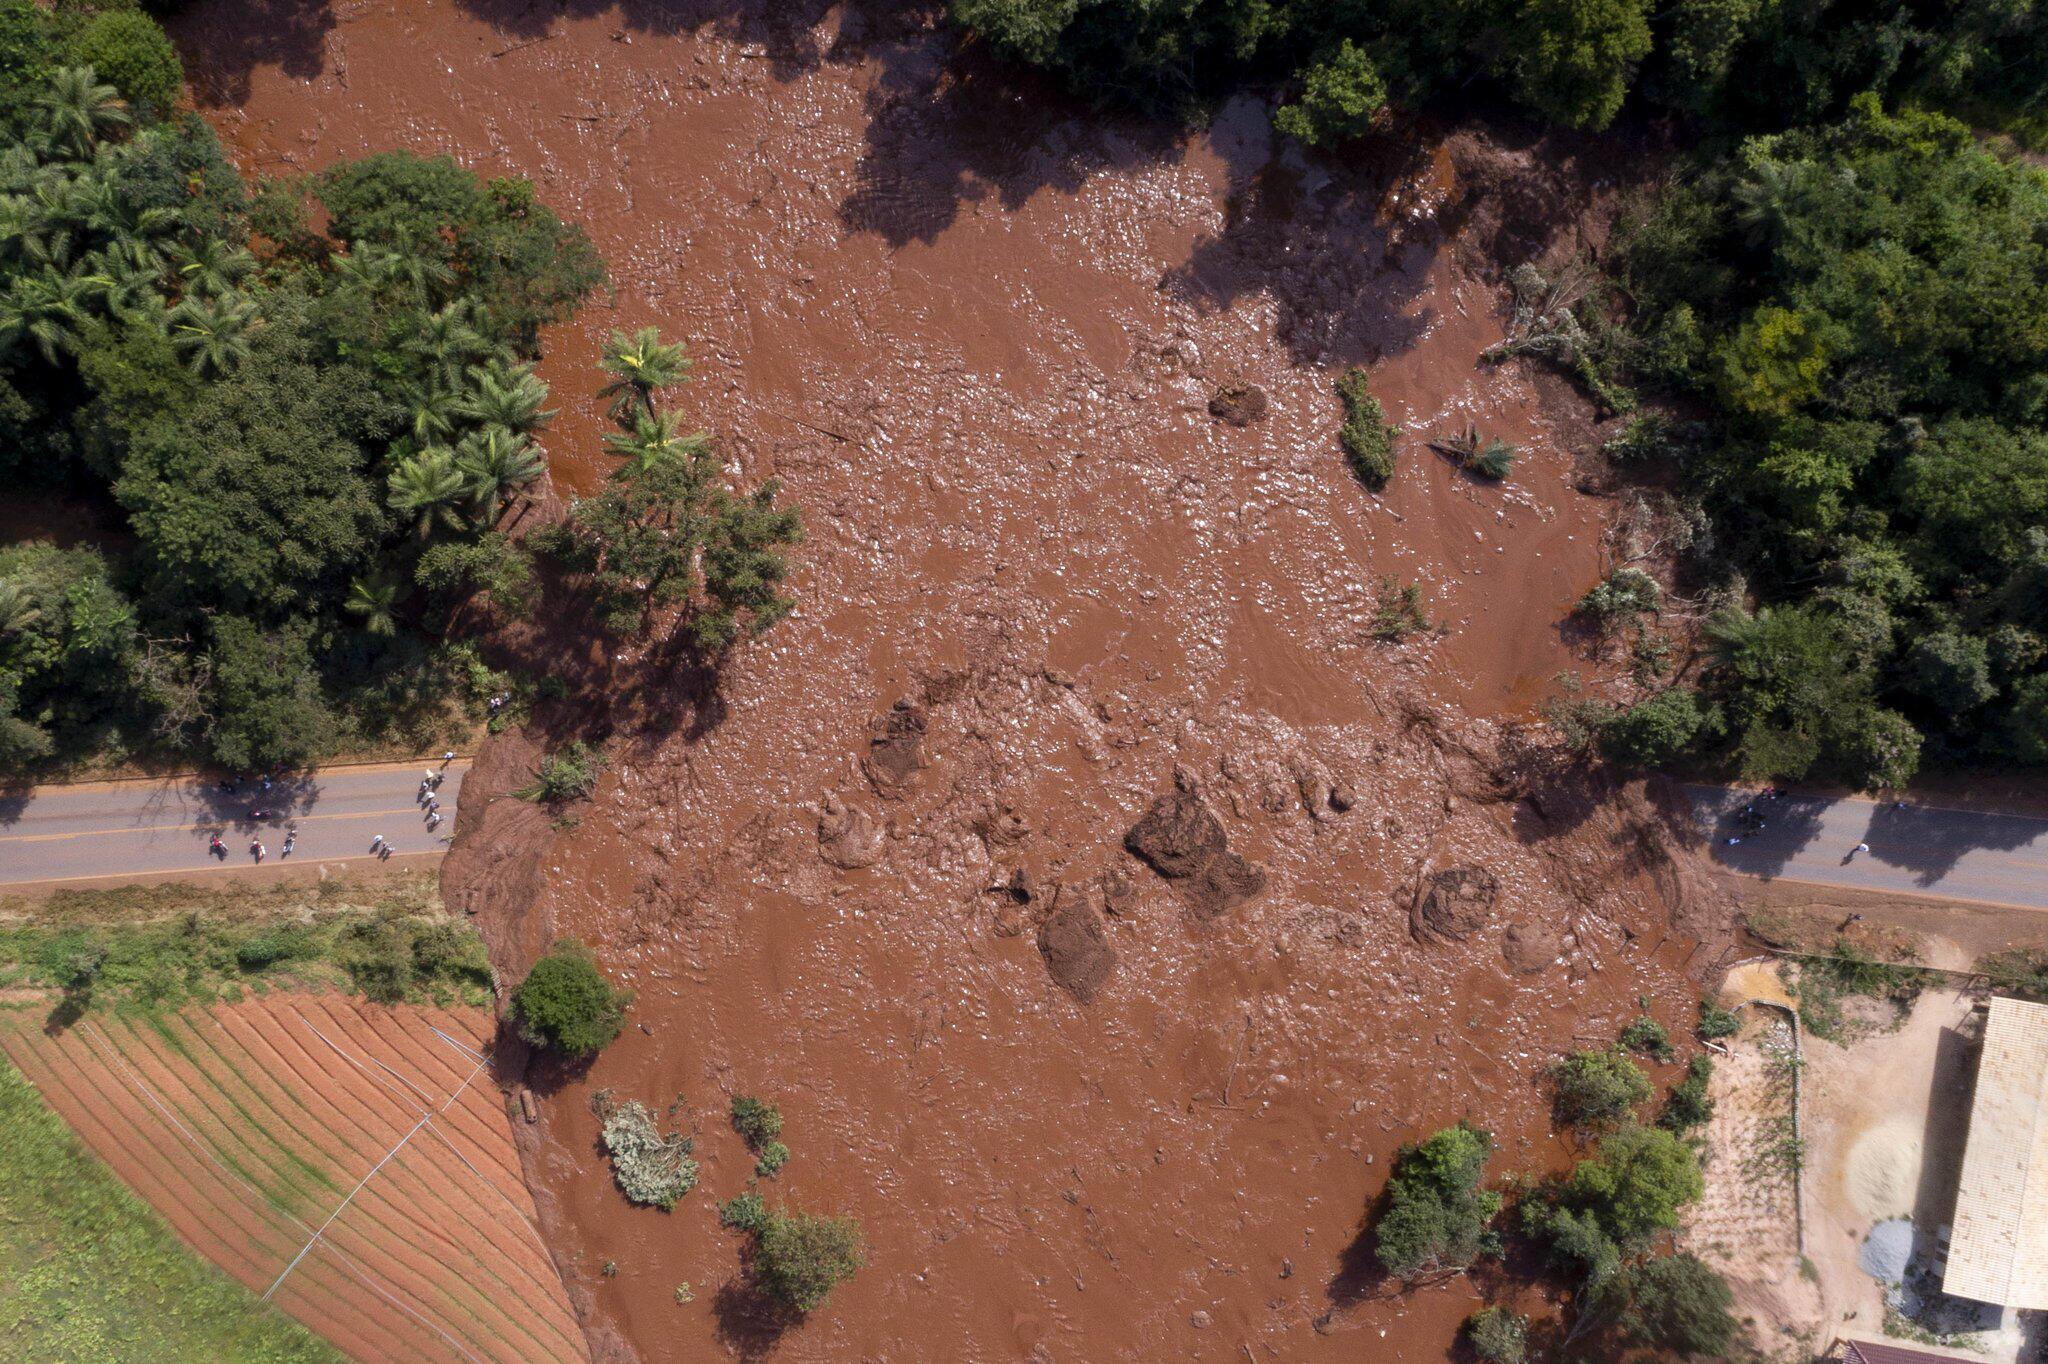 Dammbruch in Brasilien: Helfer finden immer mehr Tote